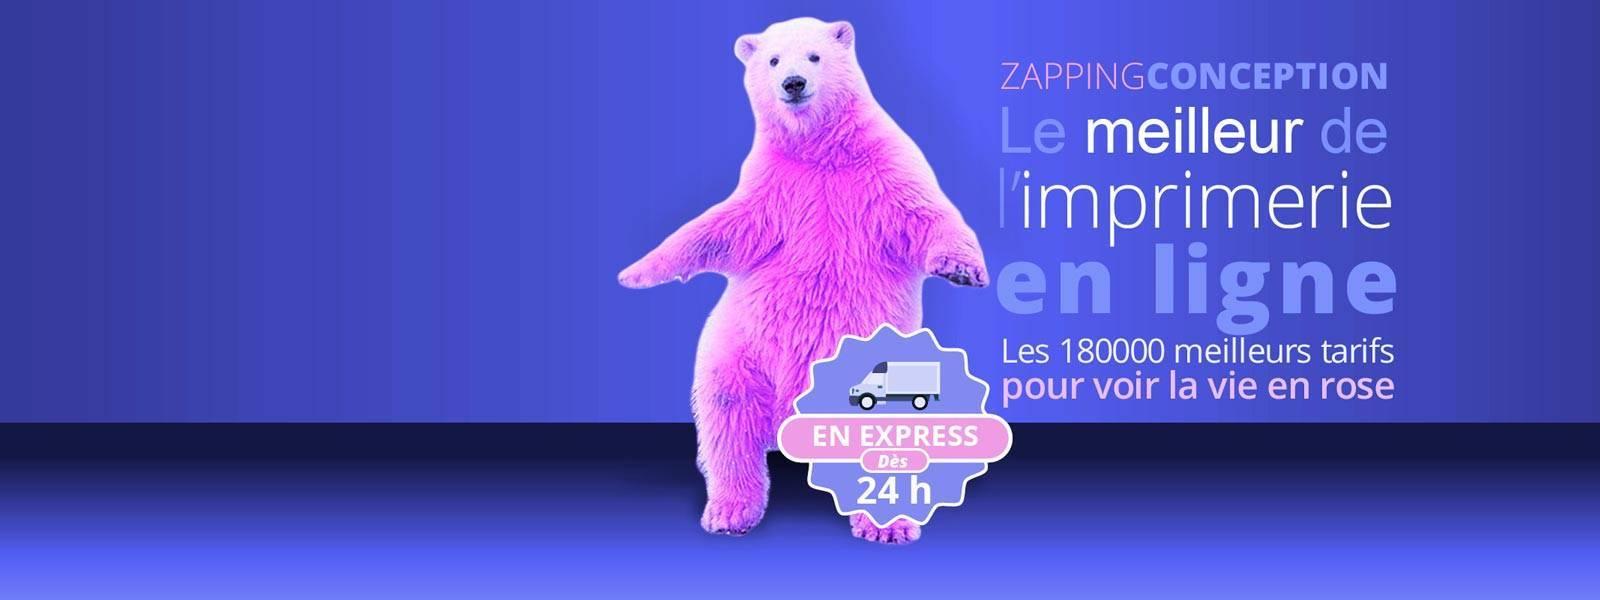 Imprimerie En Ligne A Bordeaux